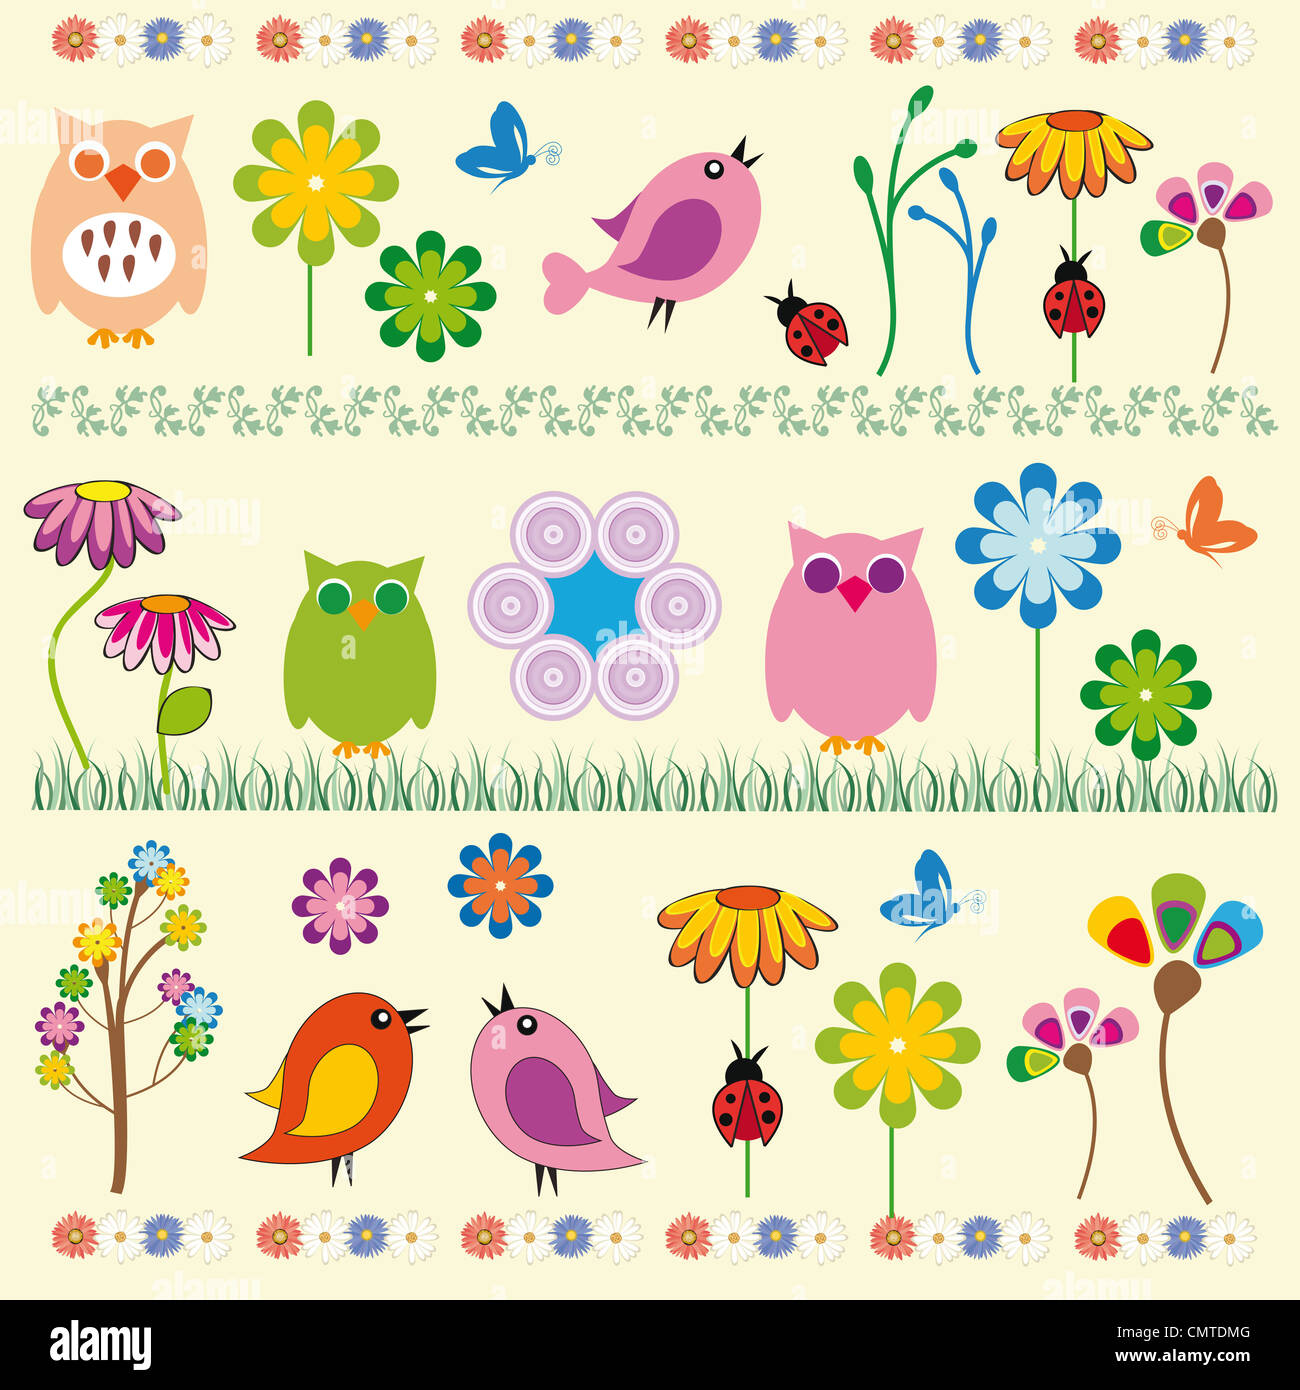 Niedlichen Kinder Hintergrund mit Blumen und Vögel Stockbild